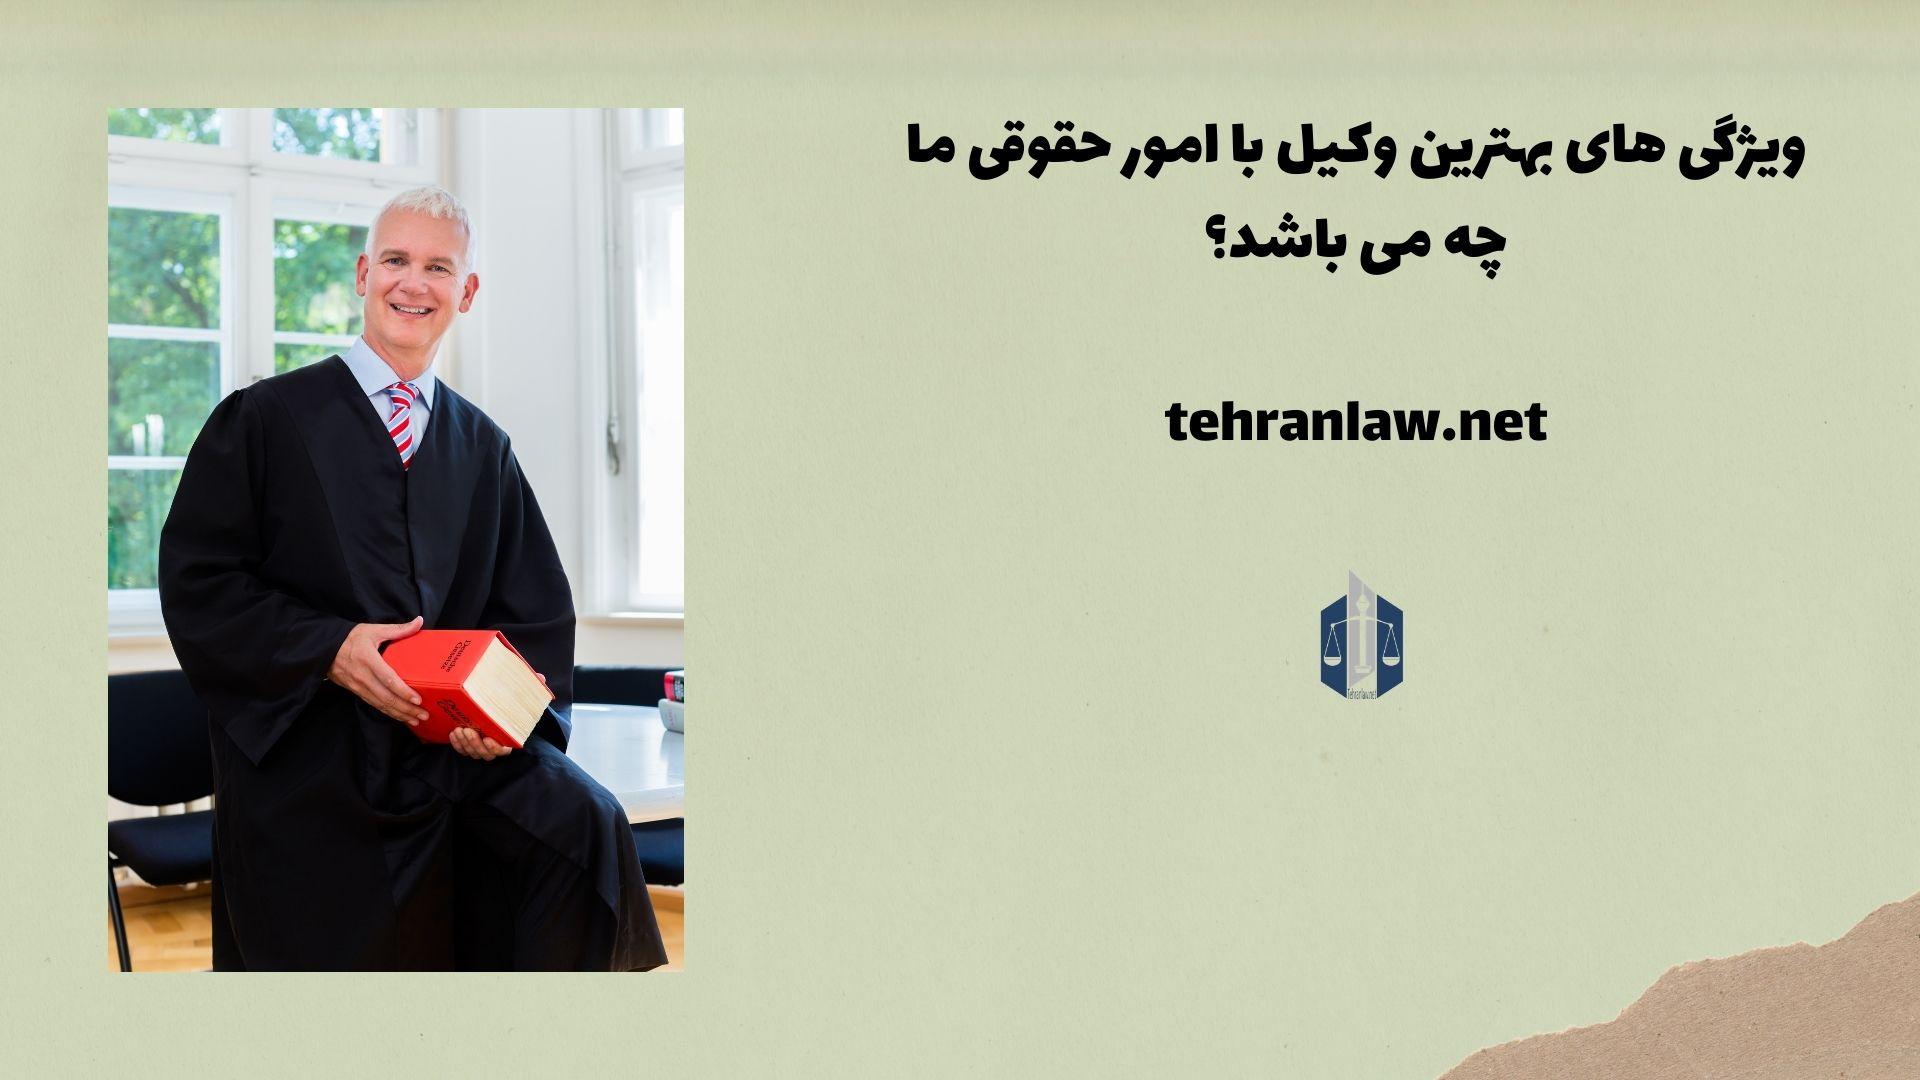 ویژگی های بهترین وکیل با امور حقوقی ما چه می باشد؟